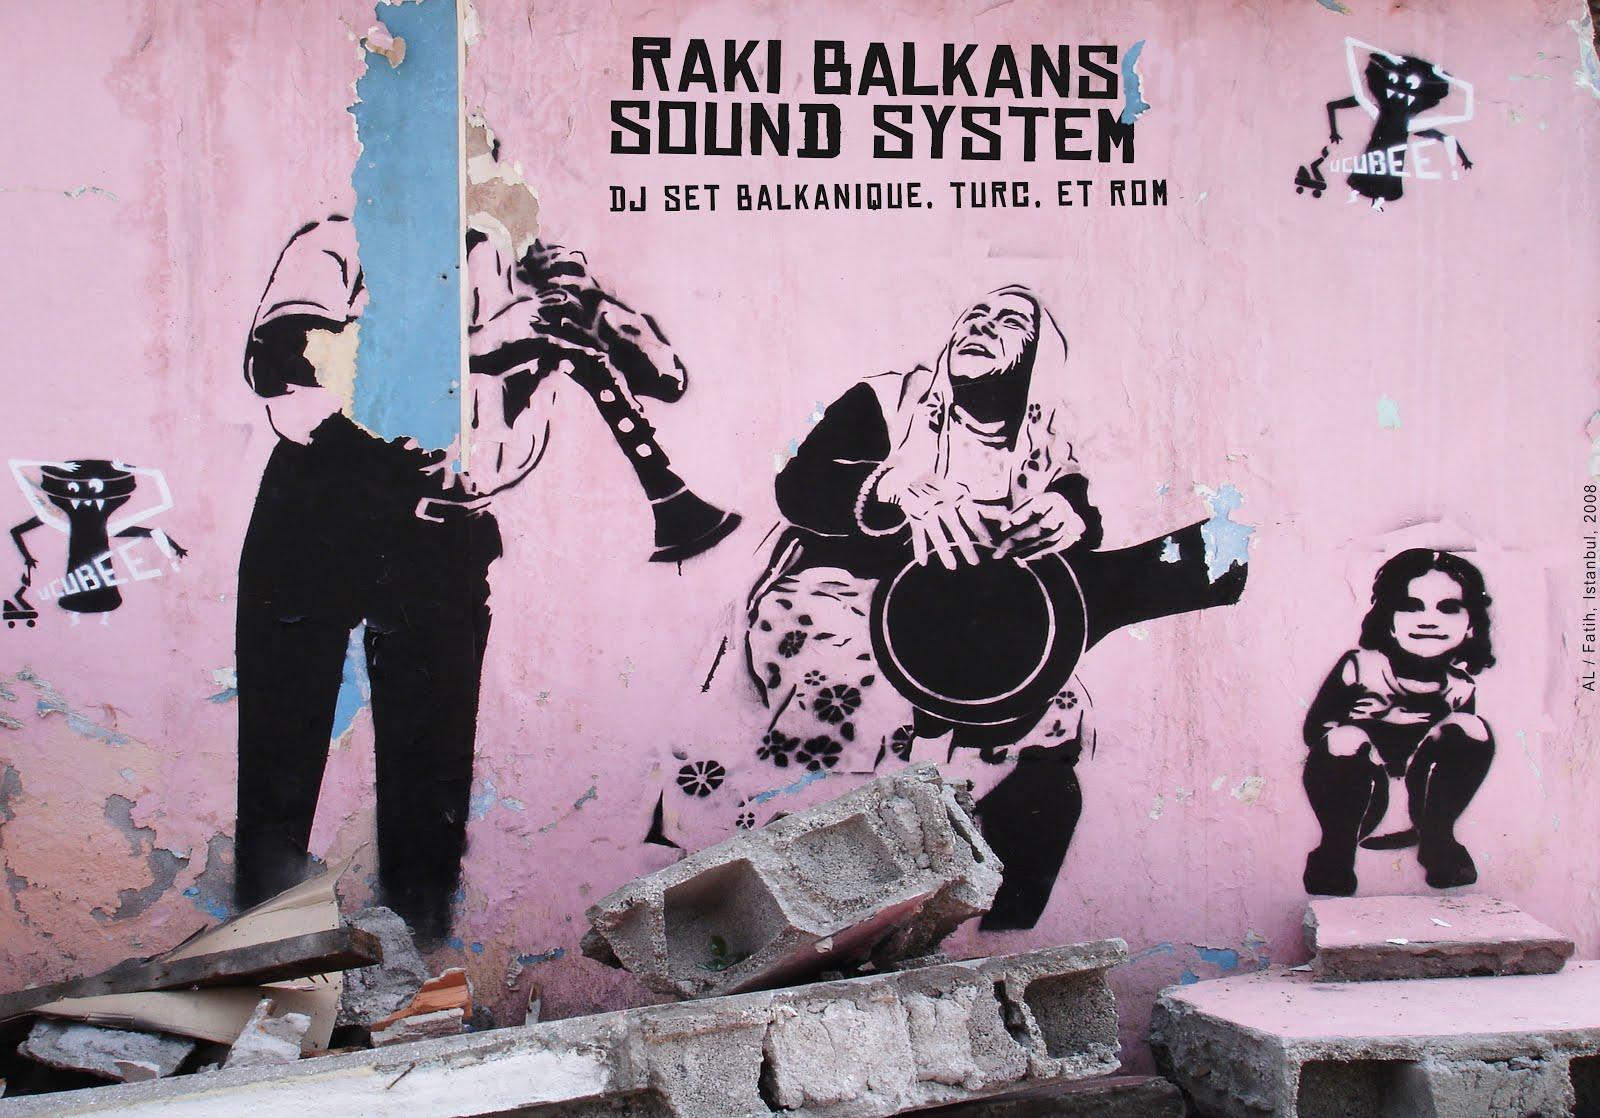 Raki-Balkans-11